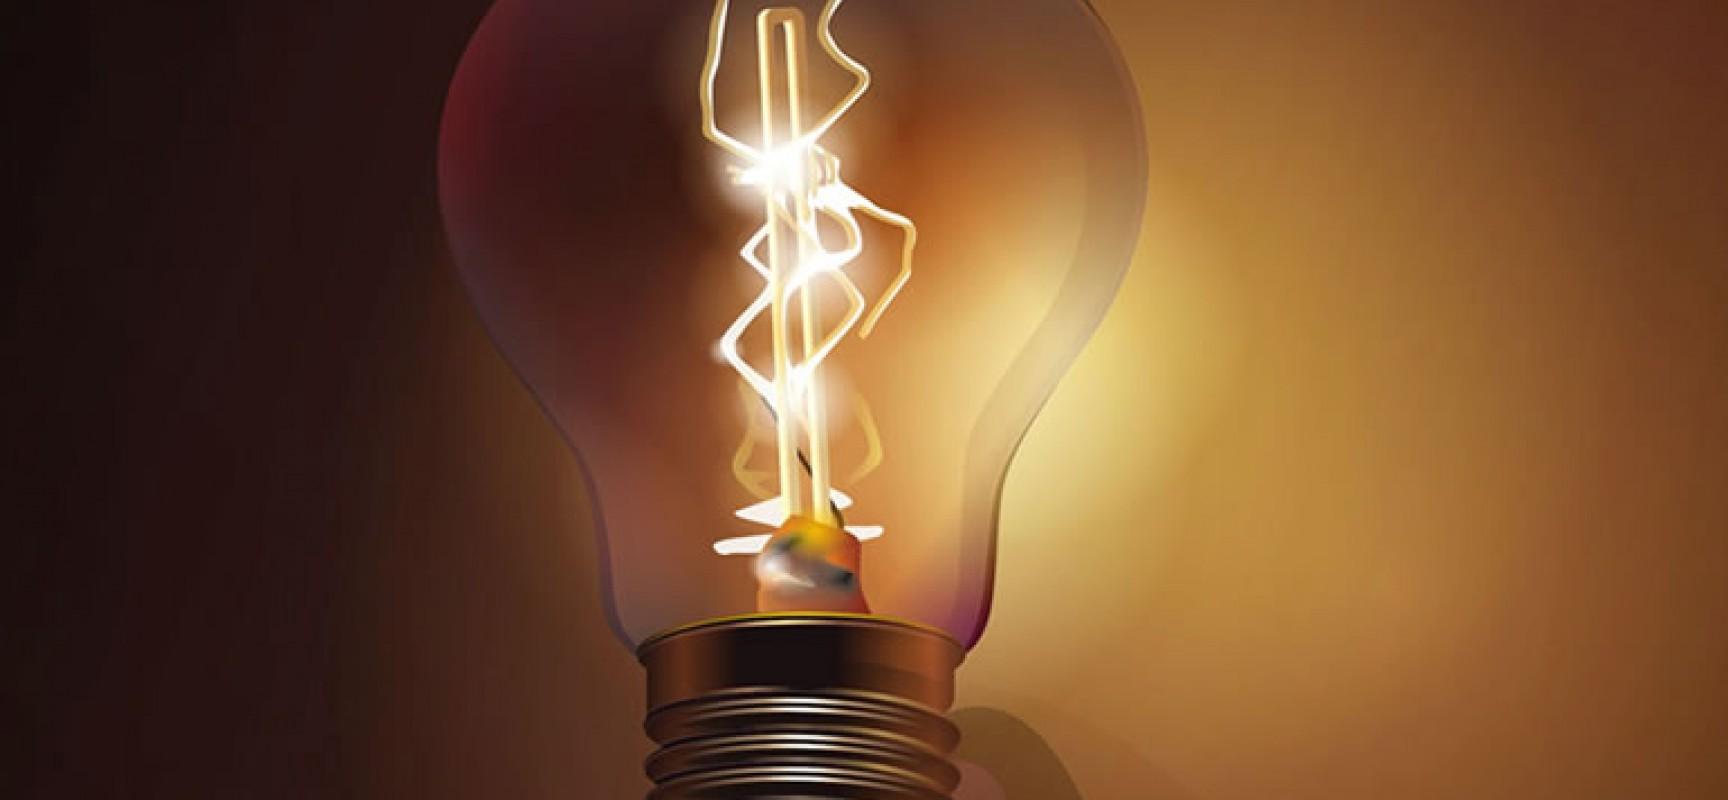 Energia Elétrica: Aumento vai pesar forte no bolso do consumidor